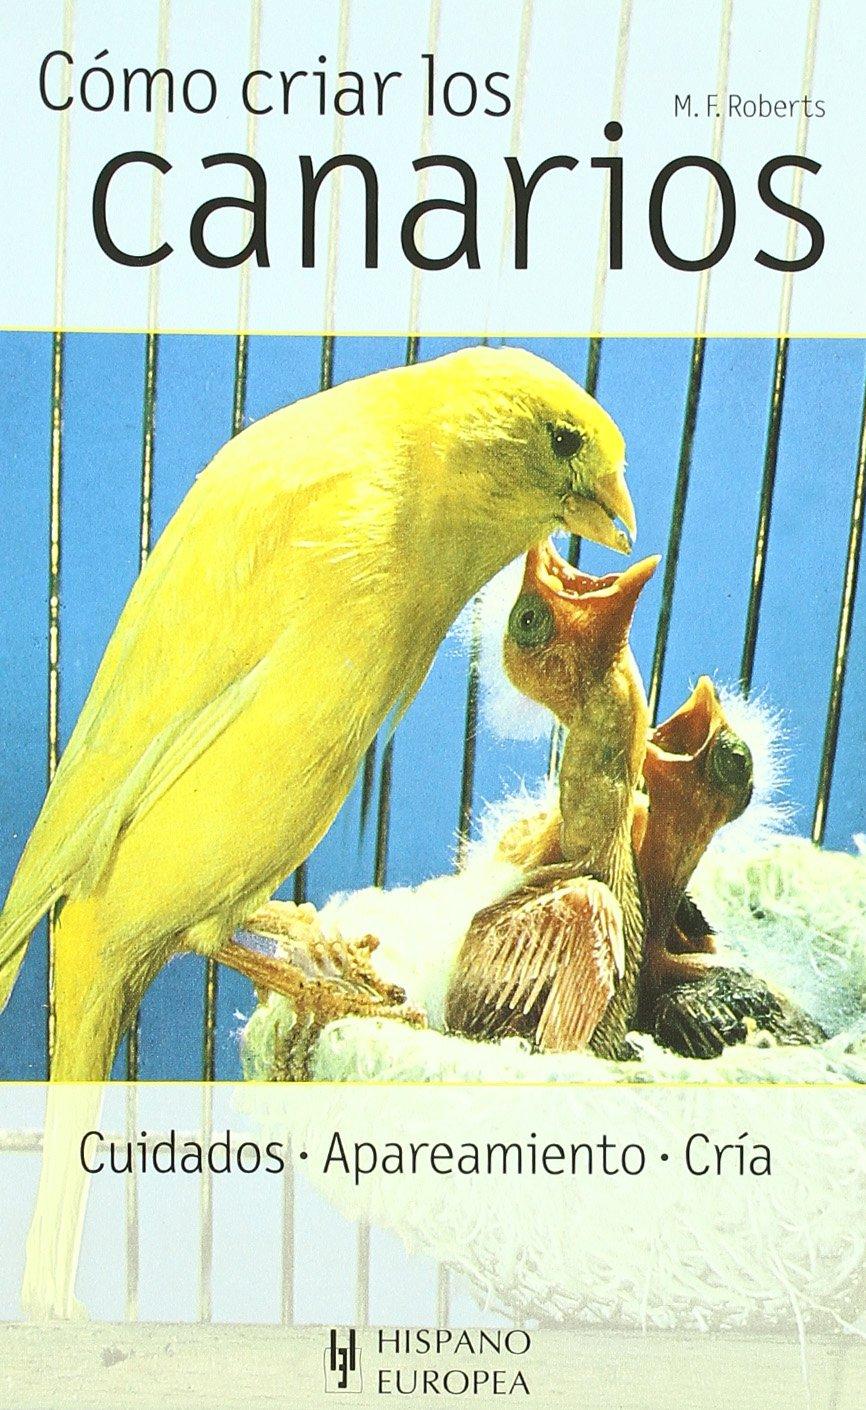 Como criar los canarios/ All About Breeding Canaries (Animales Domesticos) (Spanish Edition)